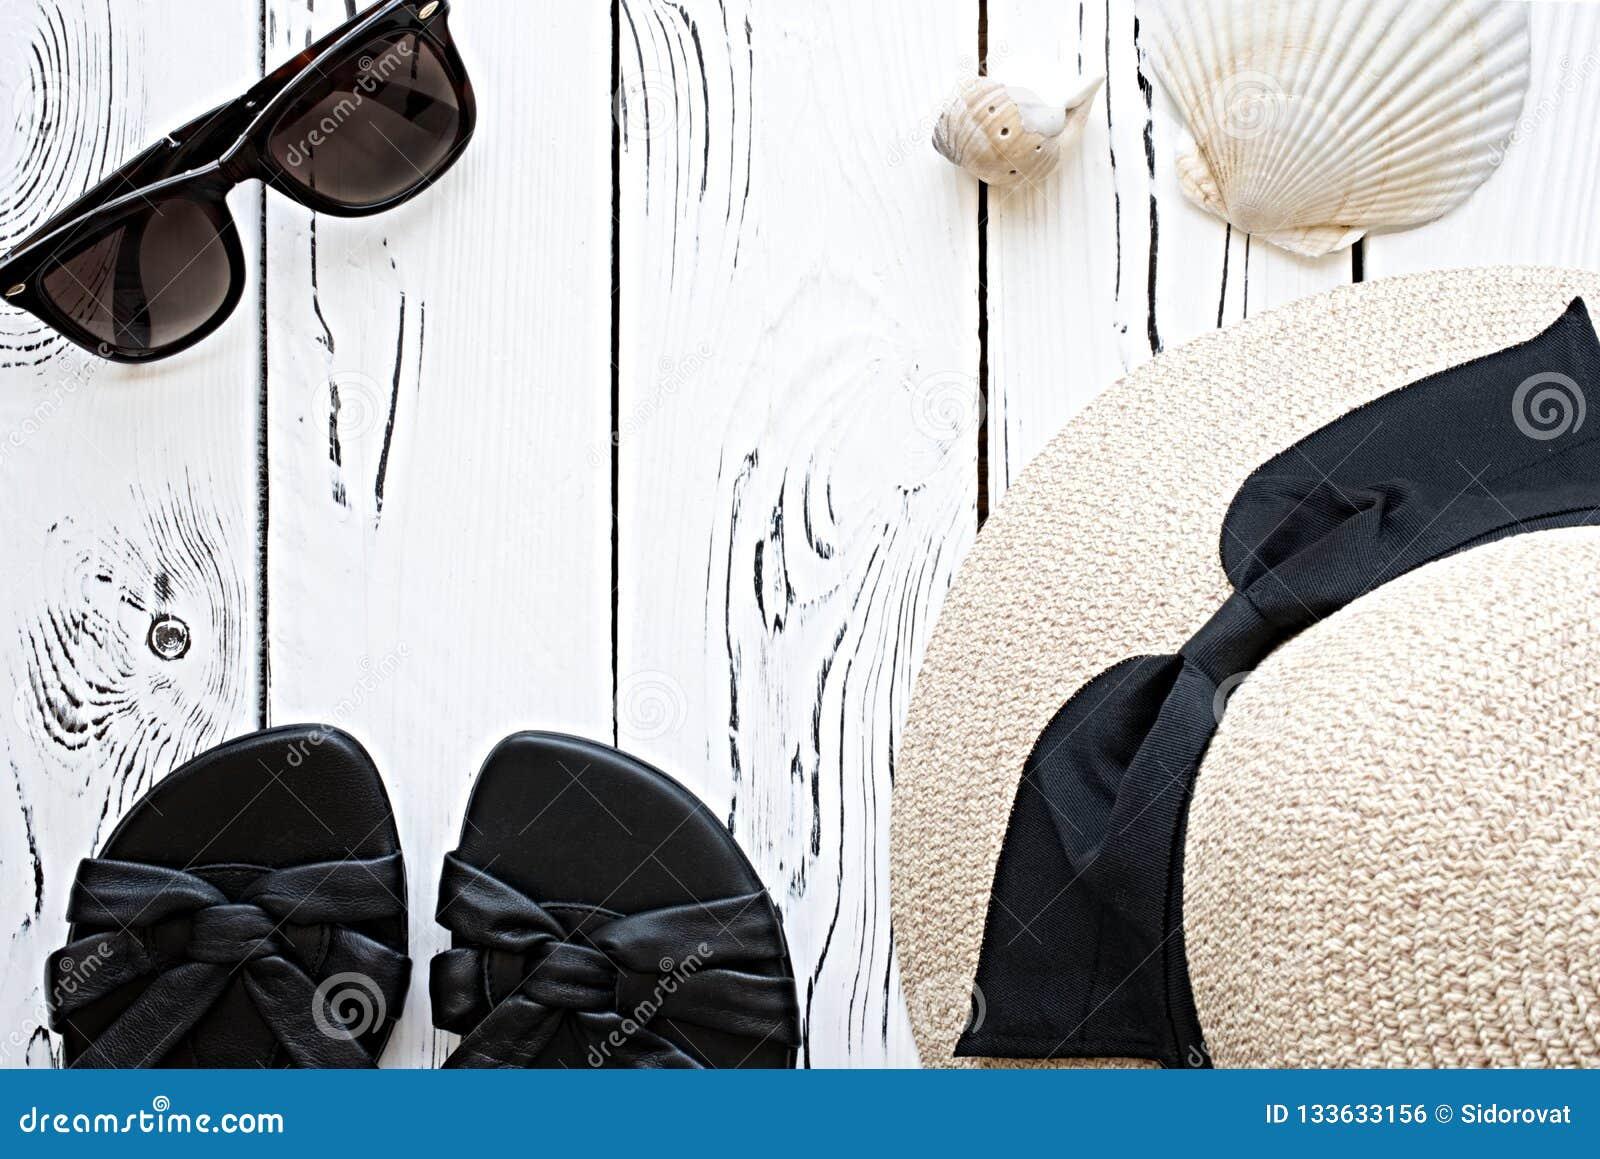 Lato moda flatlay z okularami przeciwsłonecznymi, denne skorupy, kobieta piasek